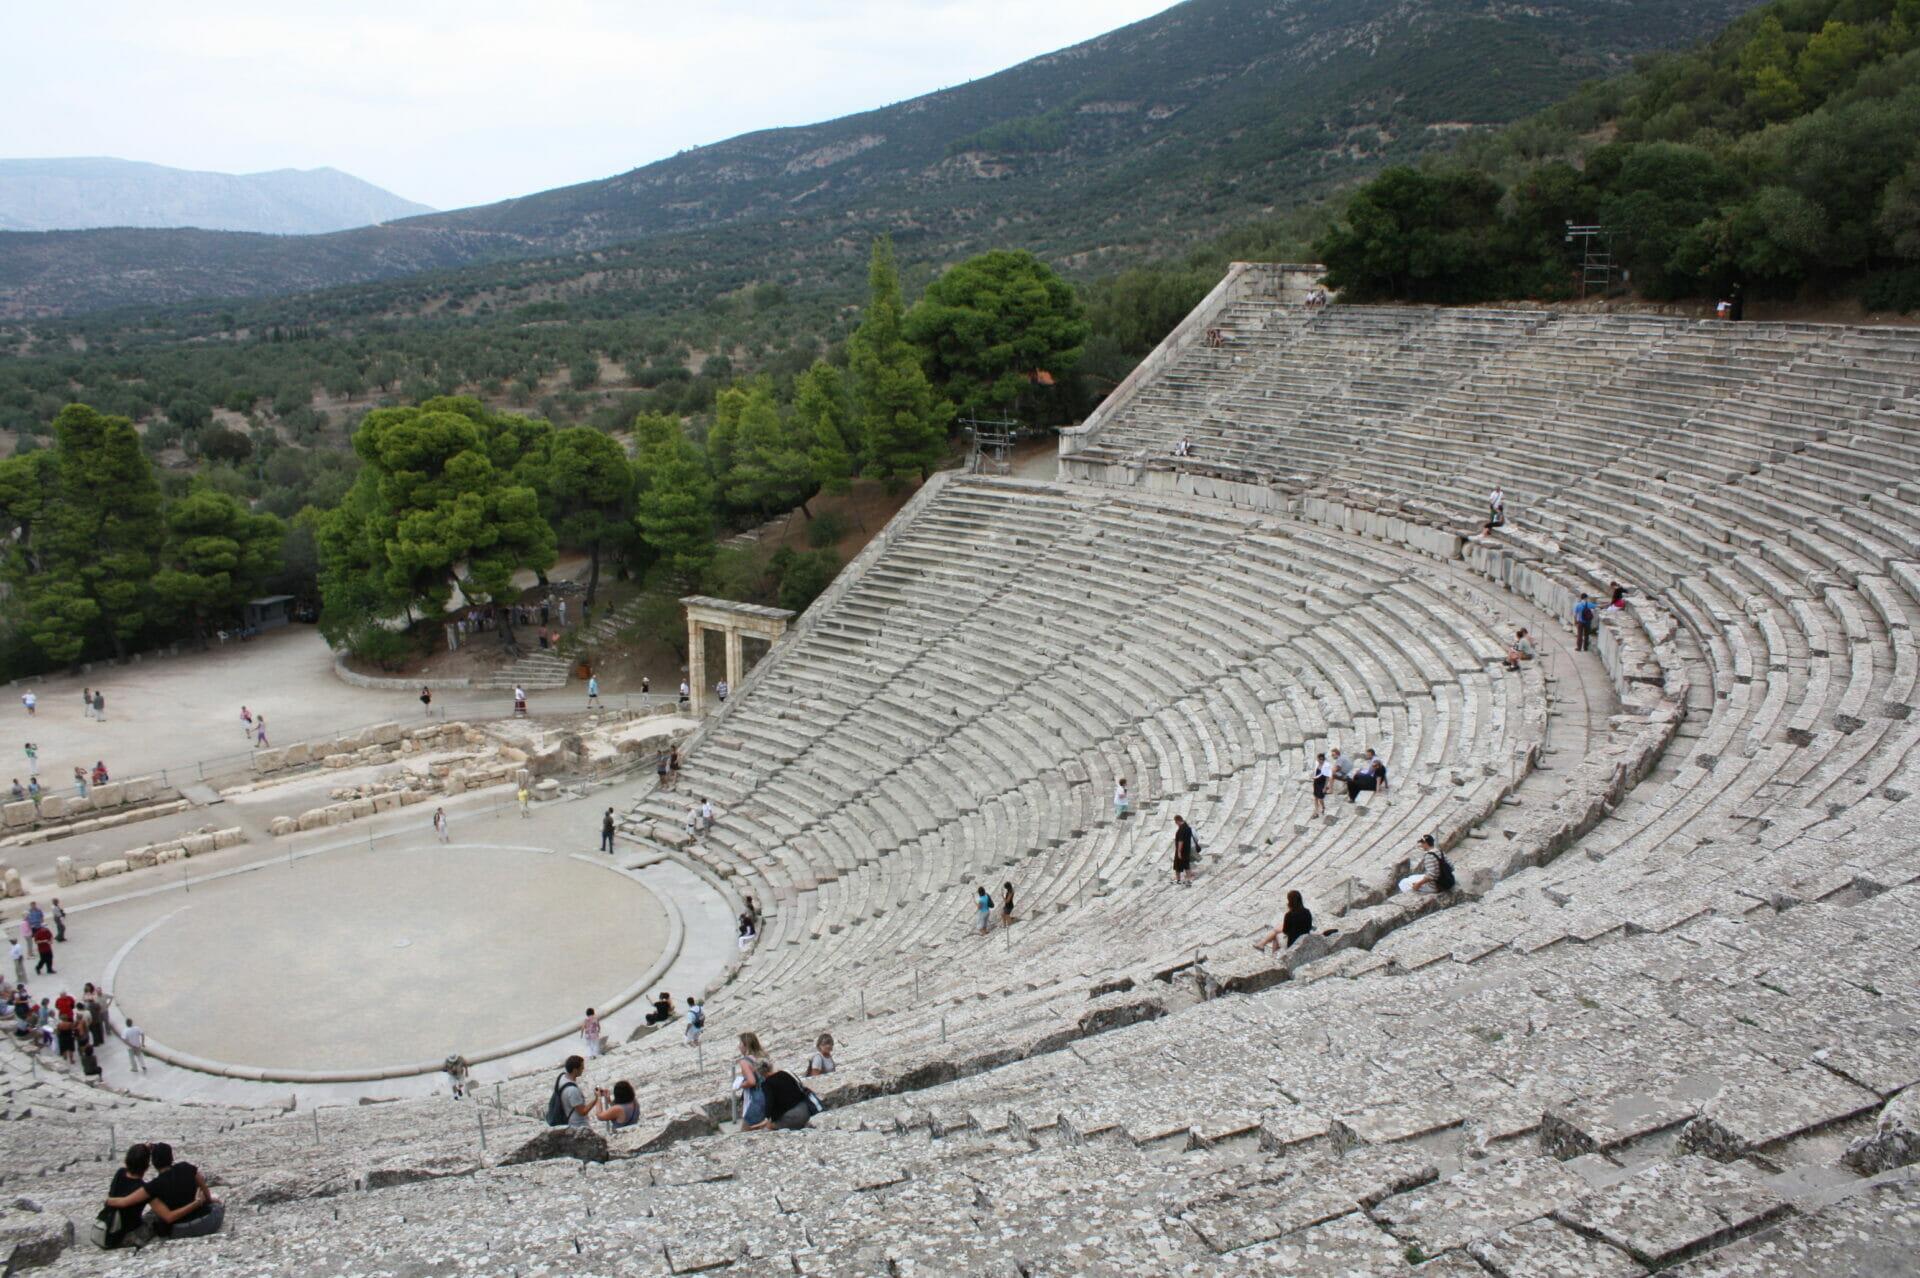 Amphitheatre of Epidauro